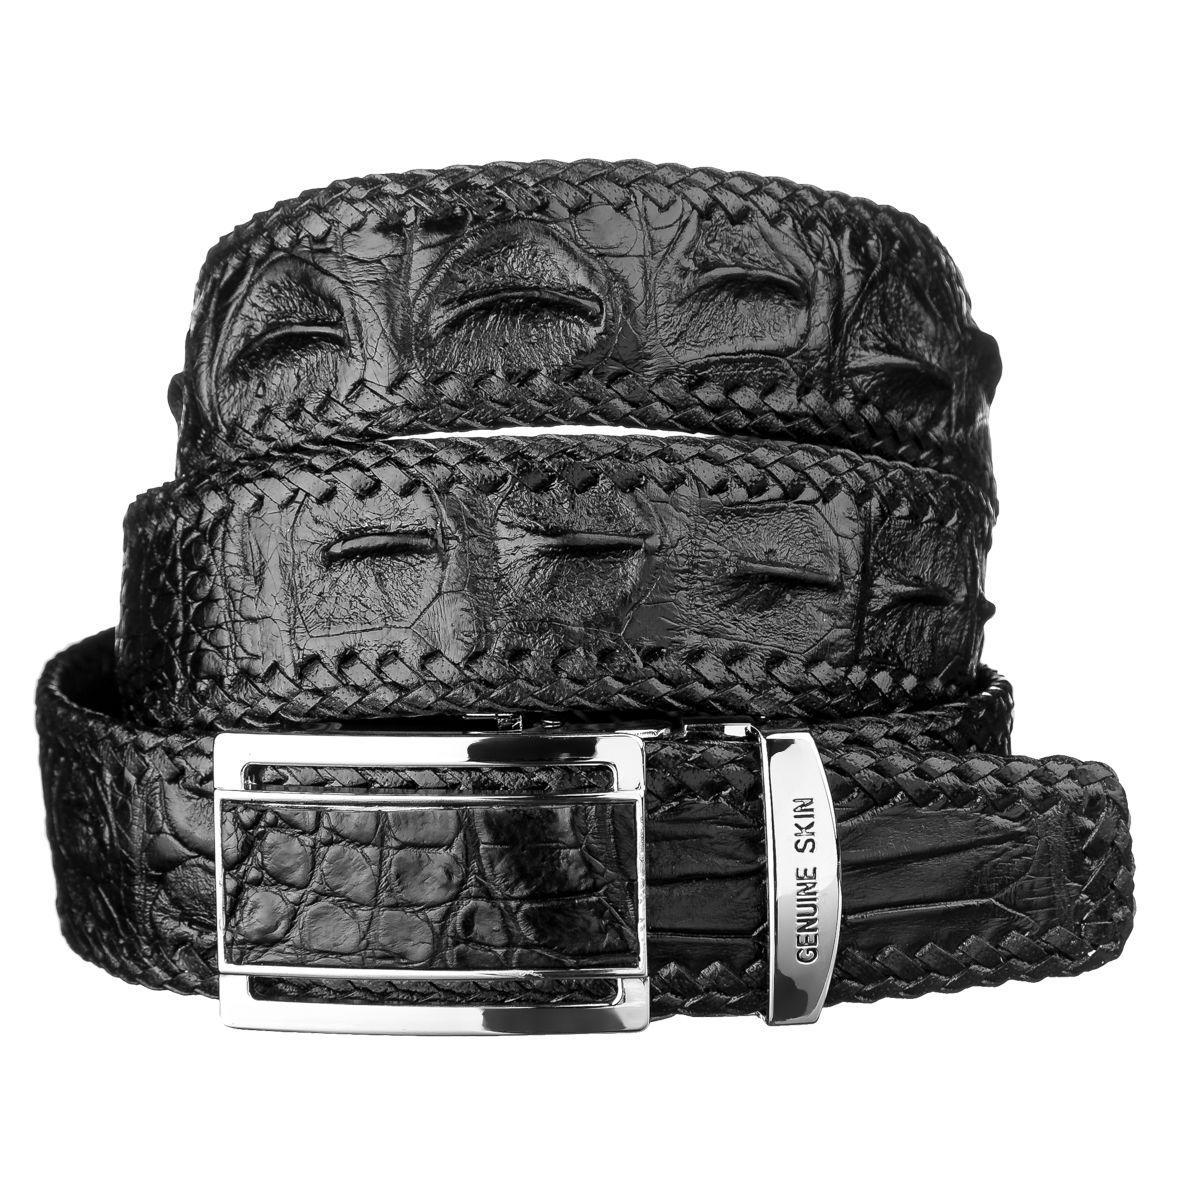 Ремень-автомат CROCODILE LEATHER 18010 из натуральной кожи крокодила Черный, Черный